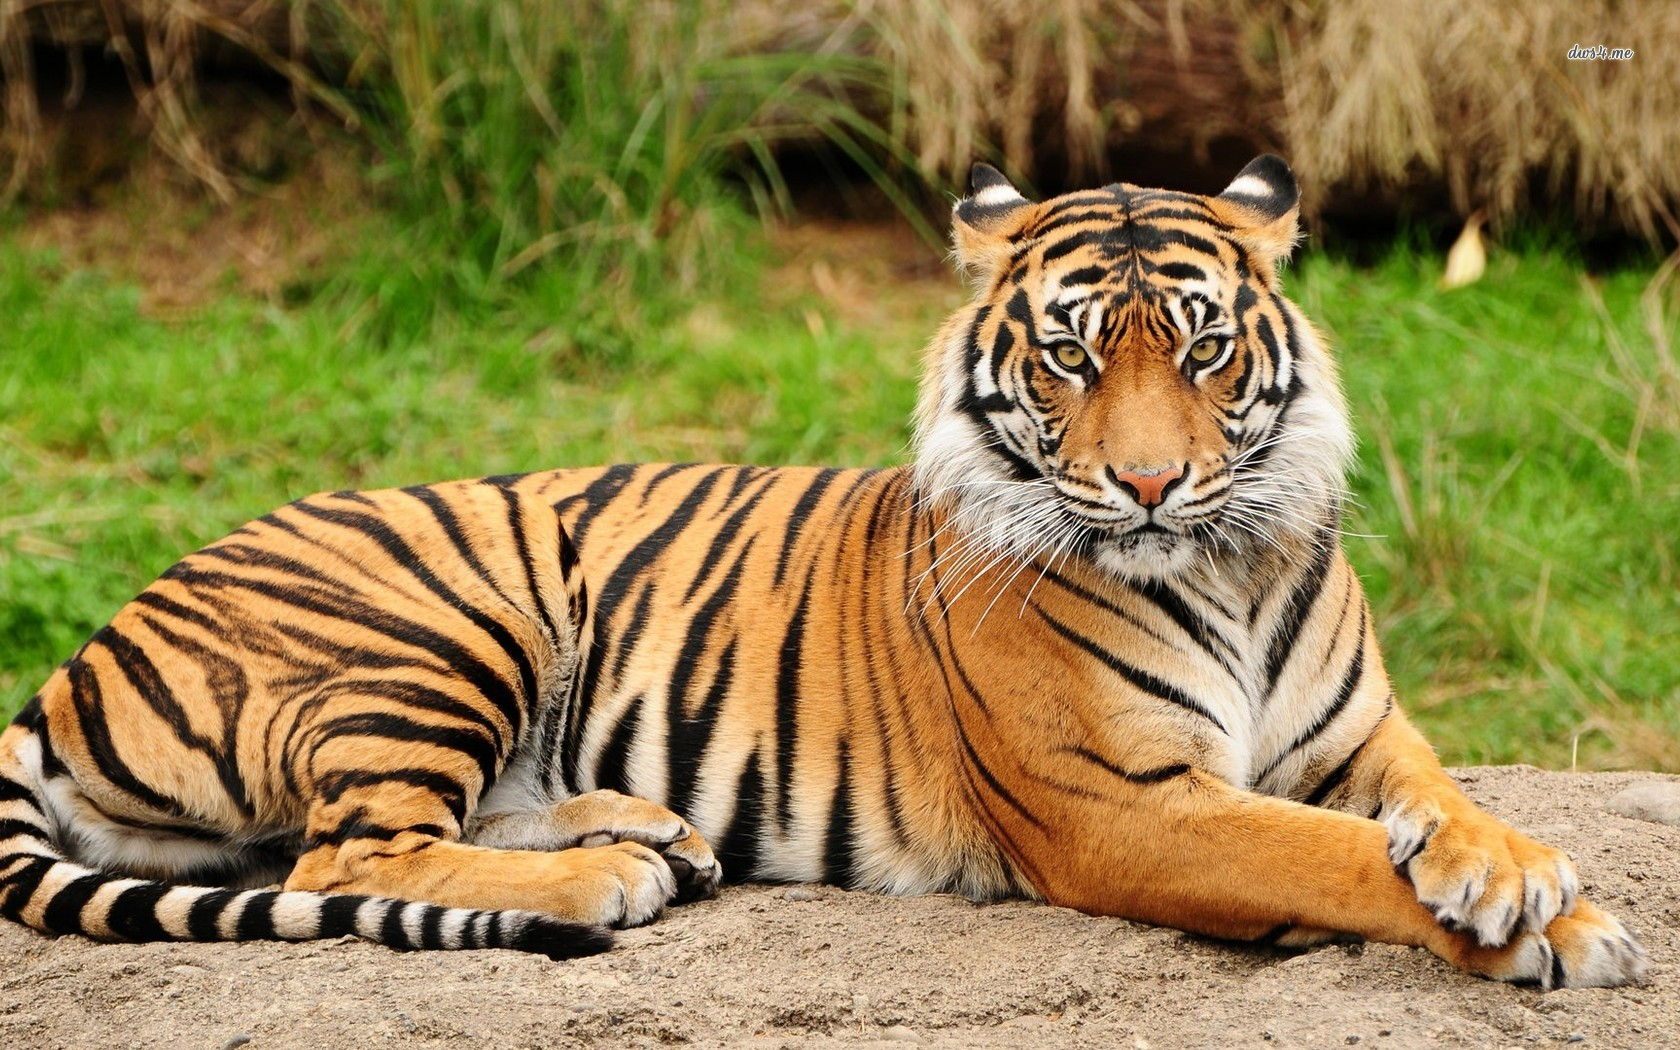 tiger_animals